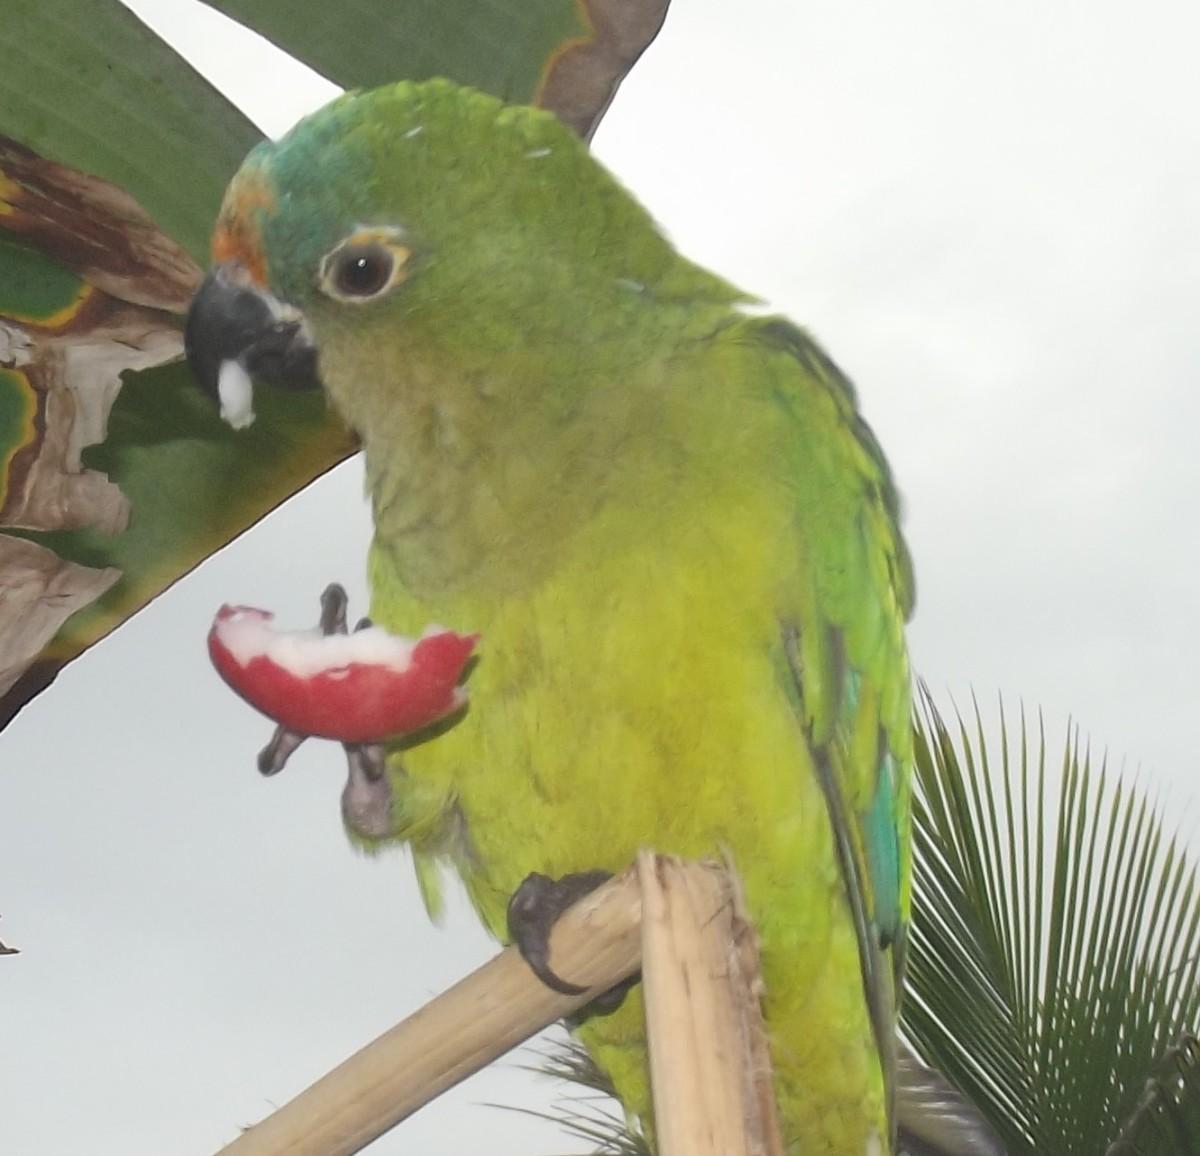 Green birds names